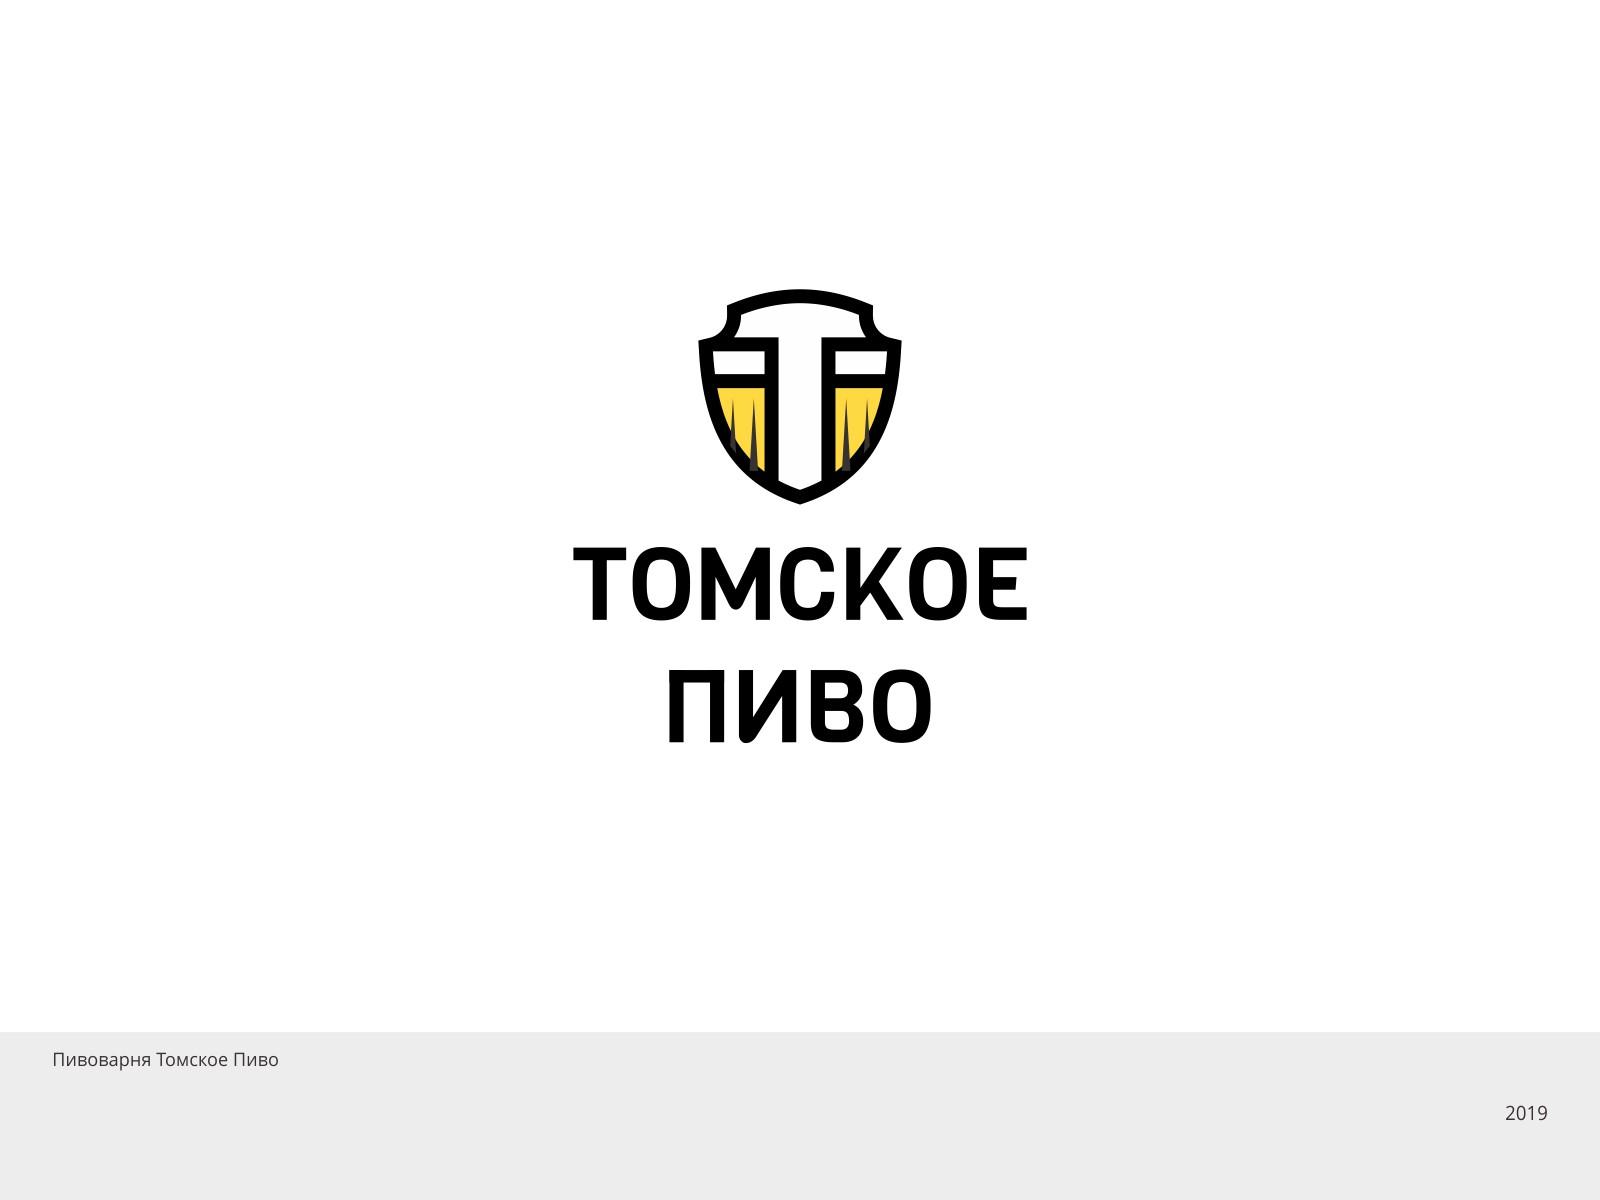 Логотип Томское пиво